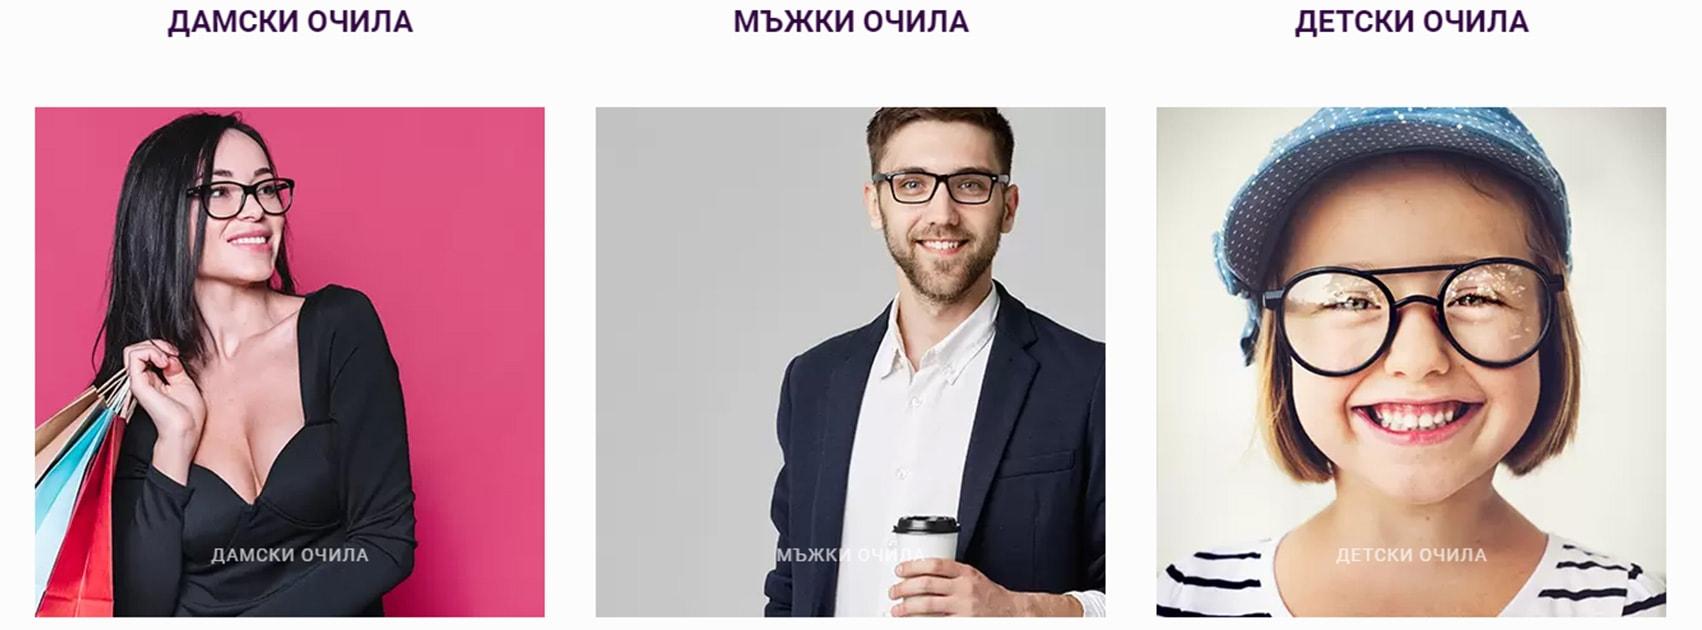 Очила за компютър - Мъжки, Дамски, Детски